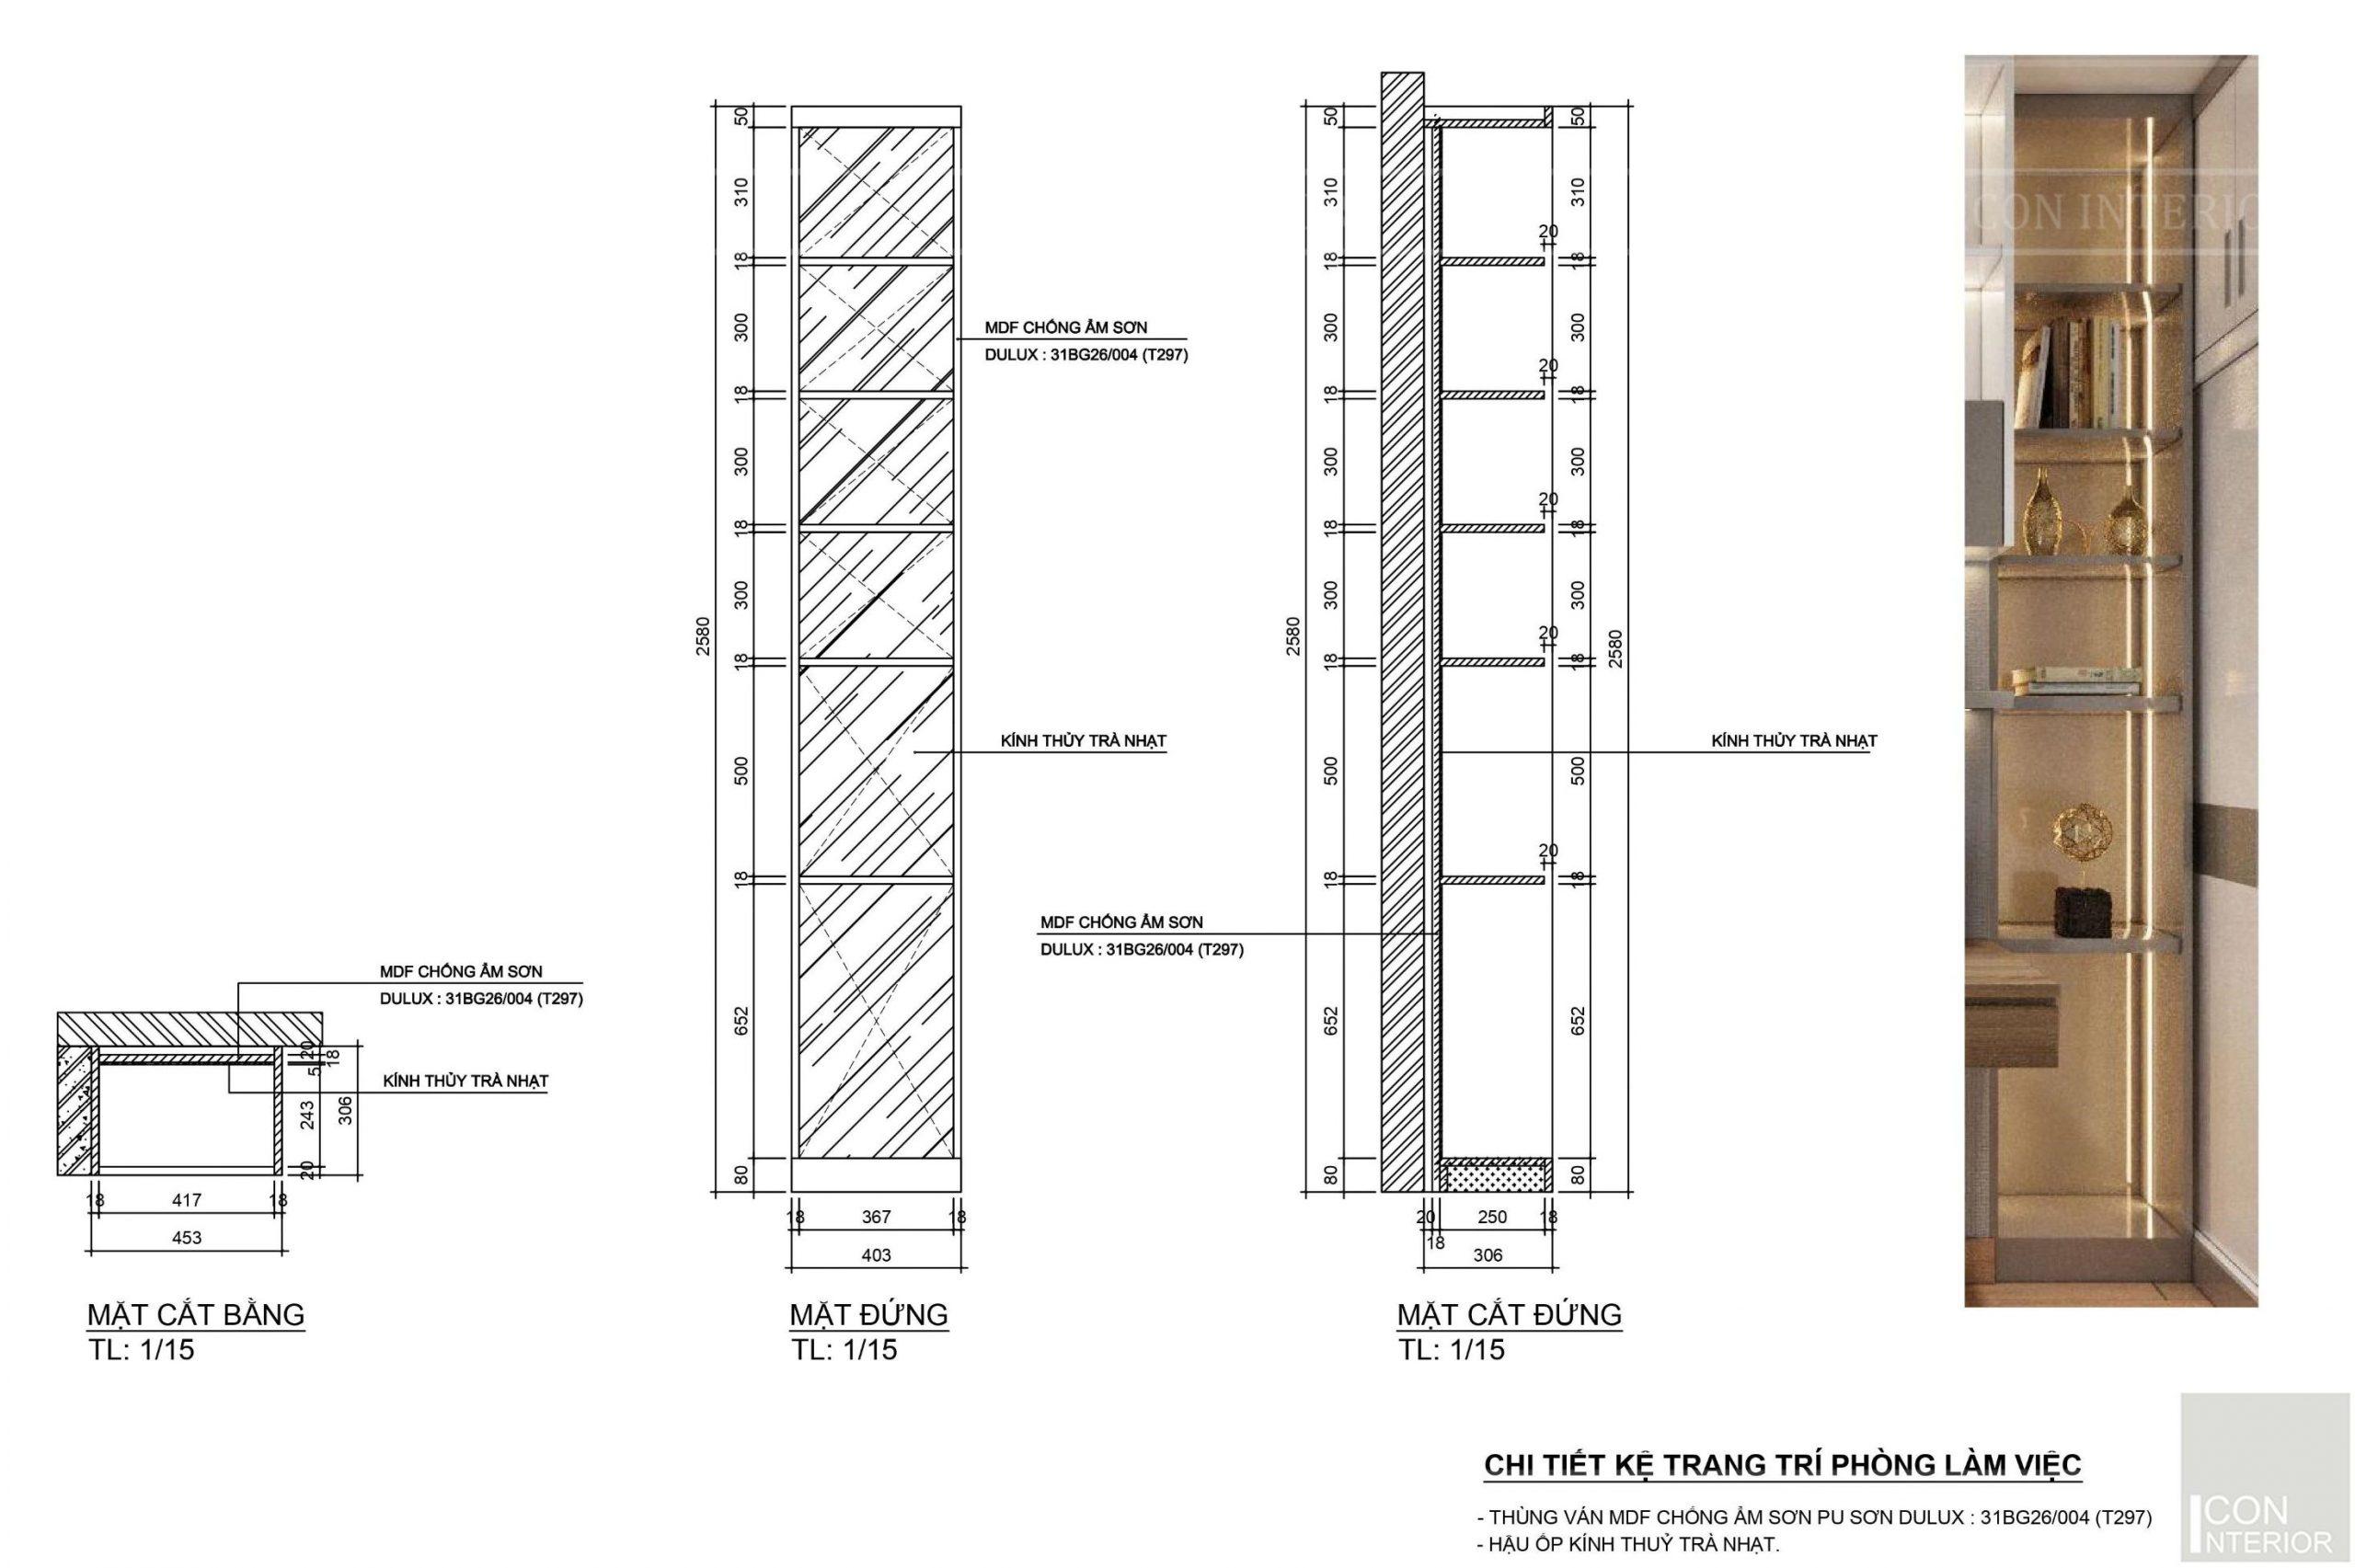 Kích thước tiêu chuẩn của đồ nội thất 5